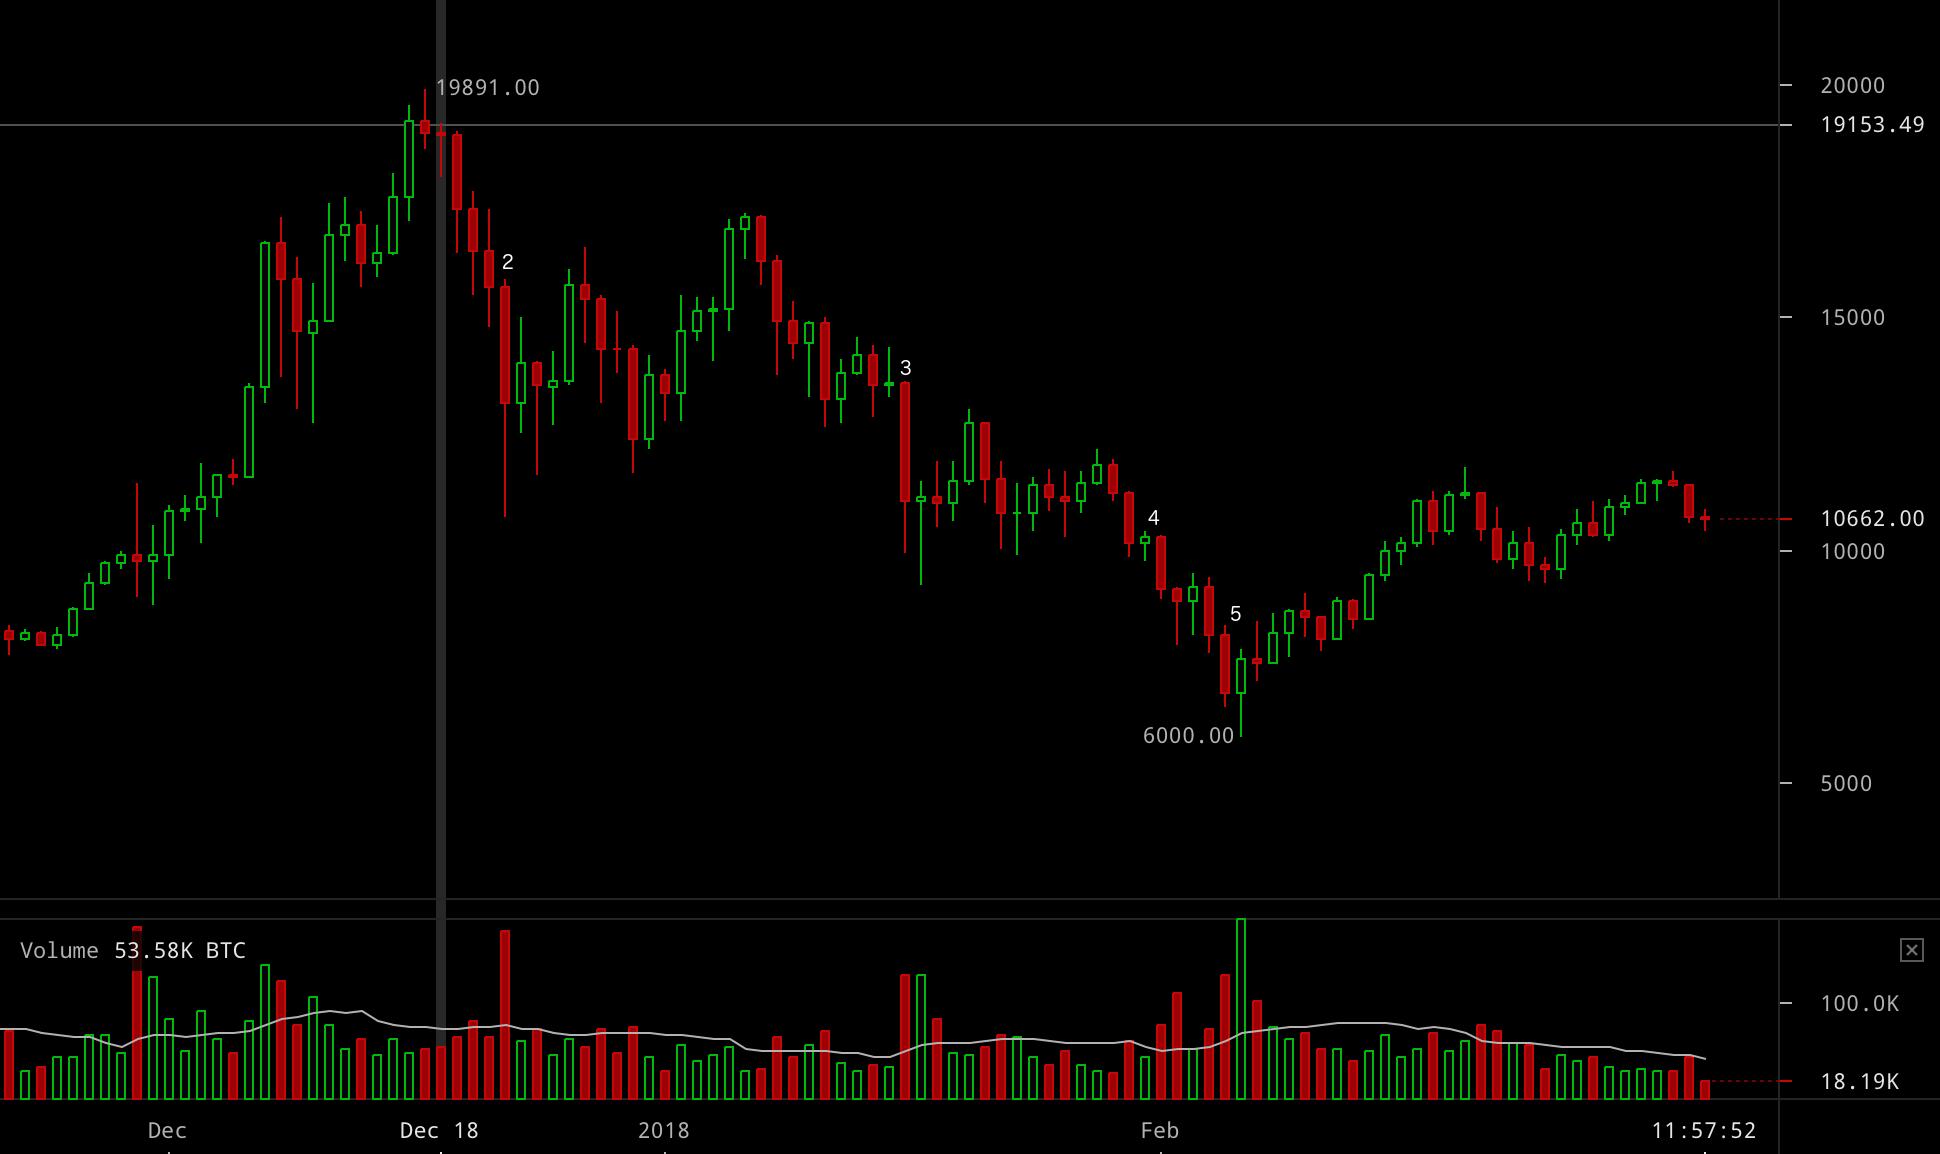 bitcoin price march 7 18 1 - MT Gox es la causa de la caida de Bitcoin